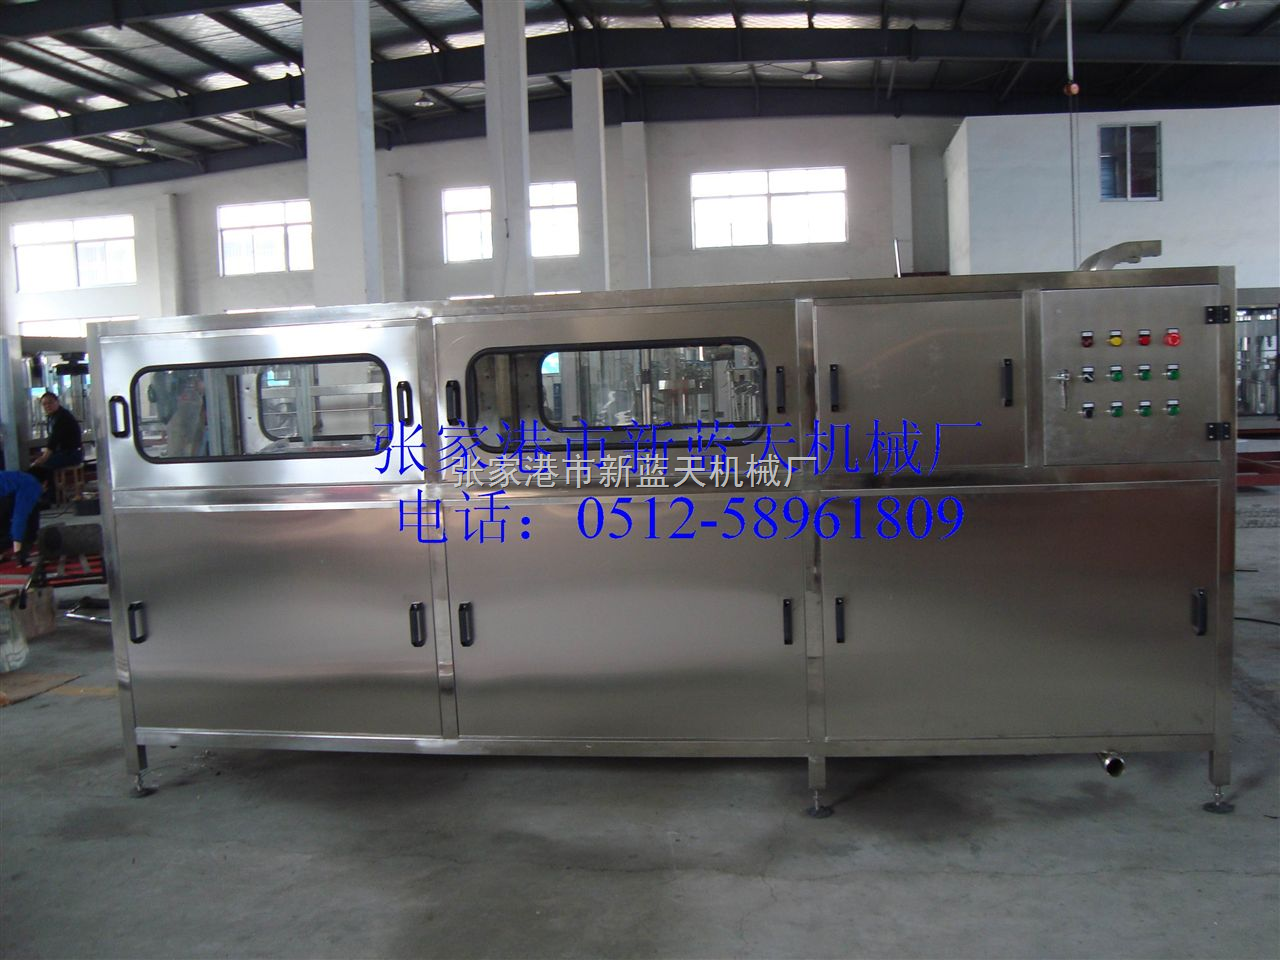 qgf-300-大桶灌装机-张家港市新蓝天机械厂